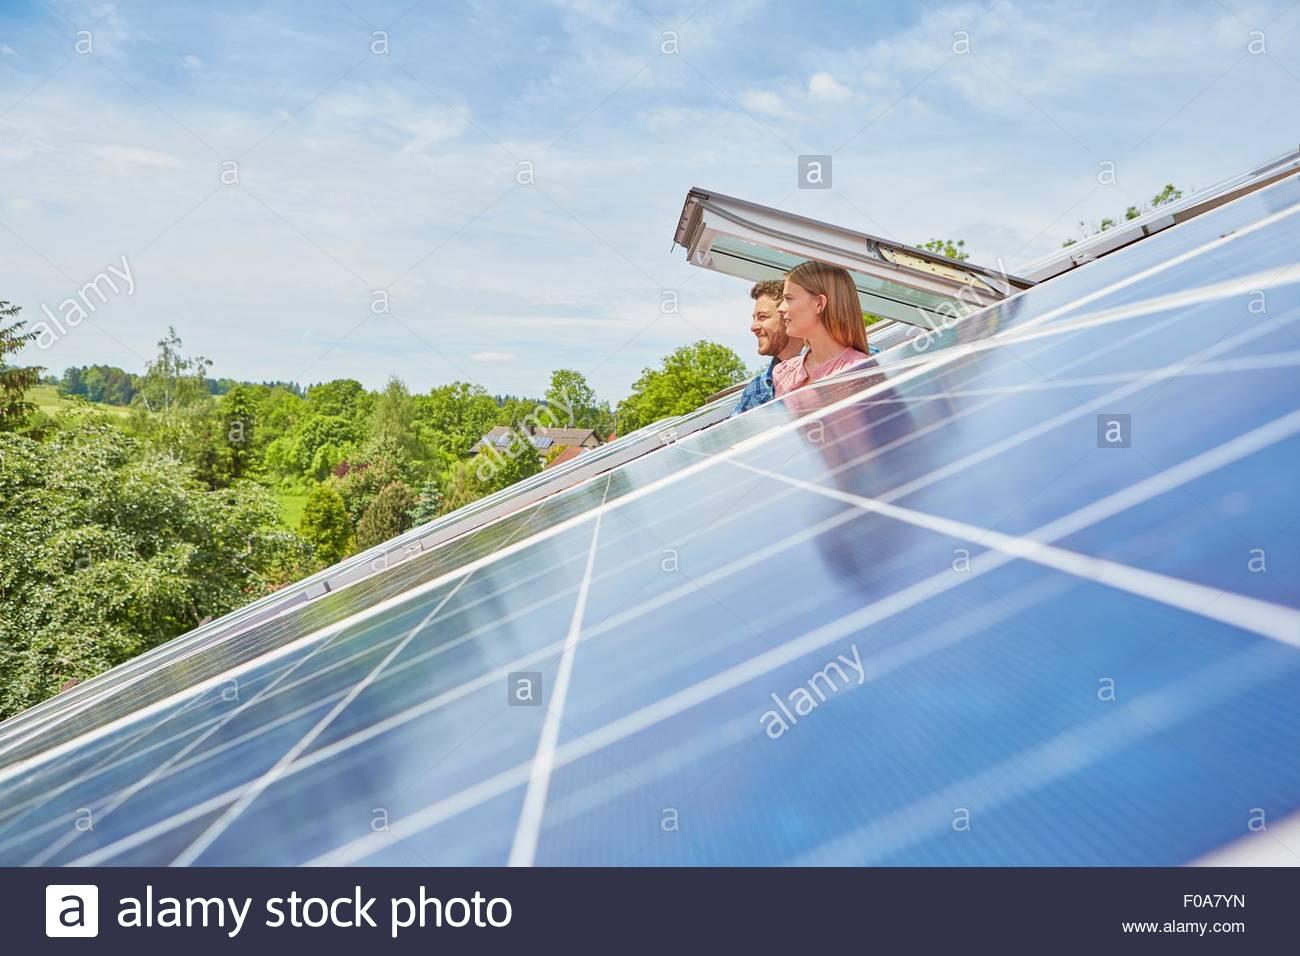 Pareja joven mirando hacia afuera de la ventana de techo con paneles solares Imagen De Stock